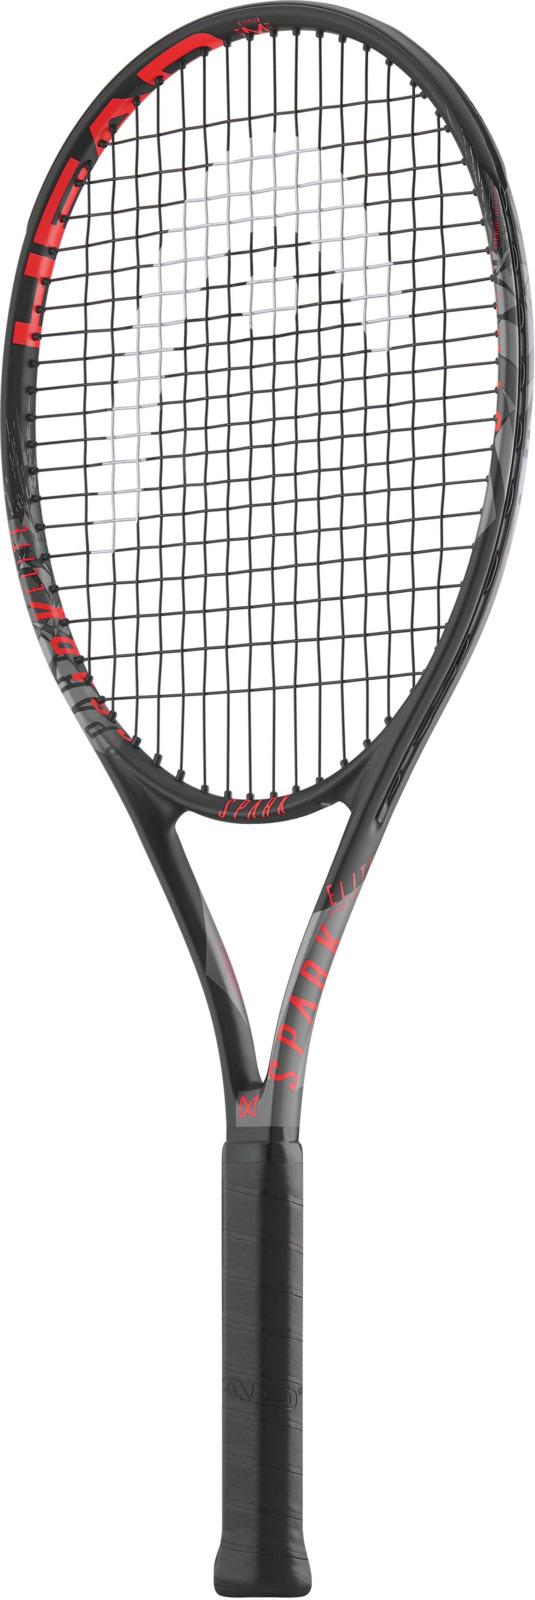 Ракетка теннисная Head MX Spark Elite, черный, ручка 2 ракетка теннисная для взрослых drive team